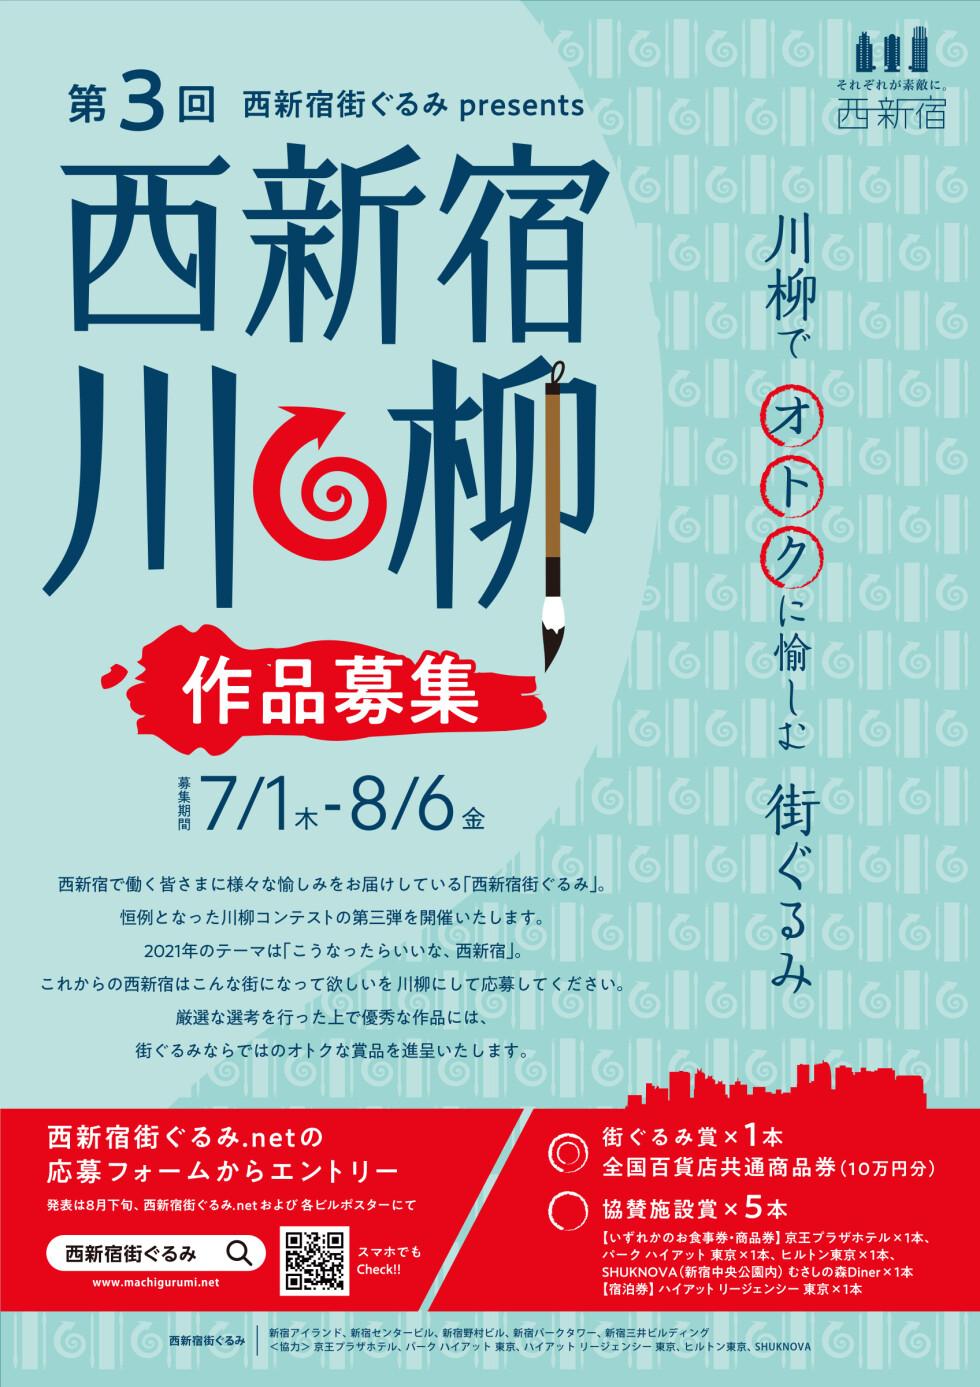 第3回 西新宿街ぐるみ presents 西新宿川柳 作品募集